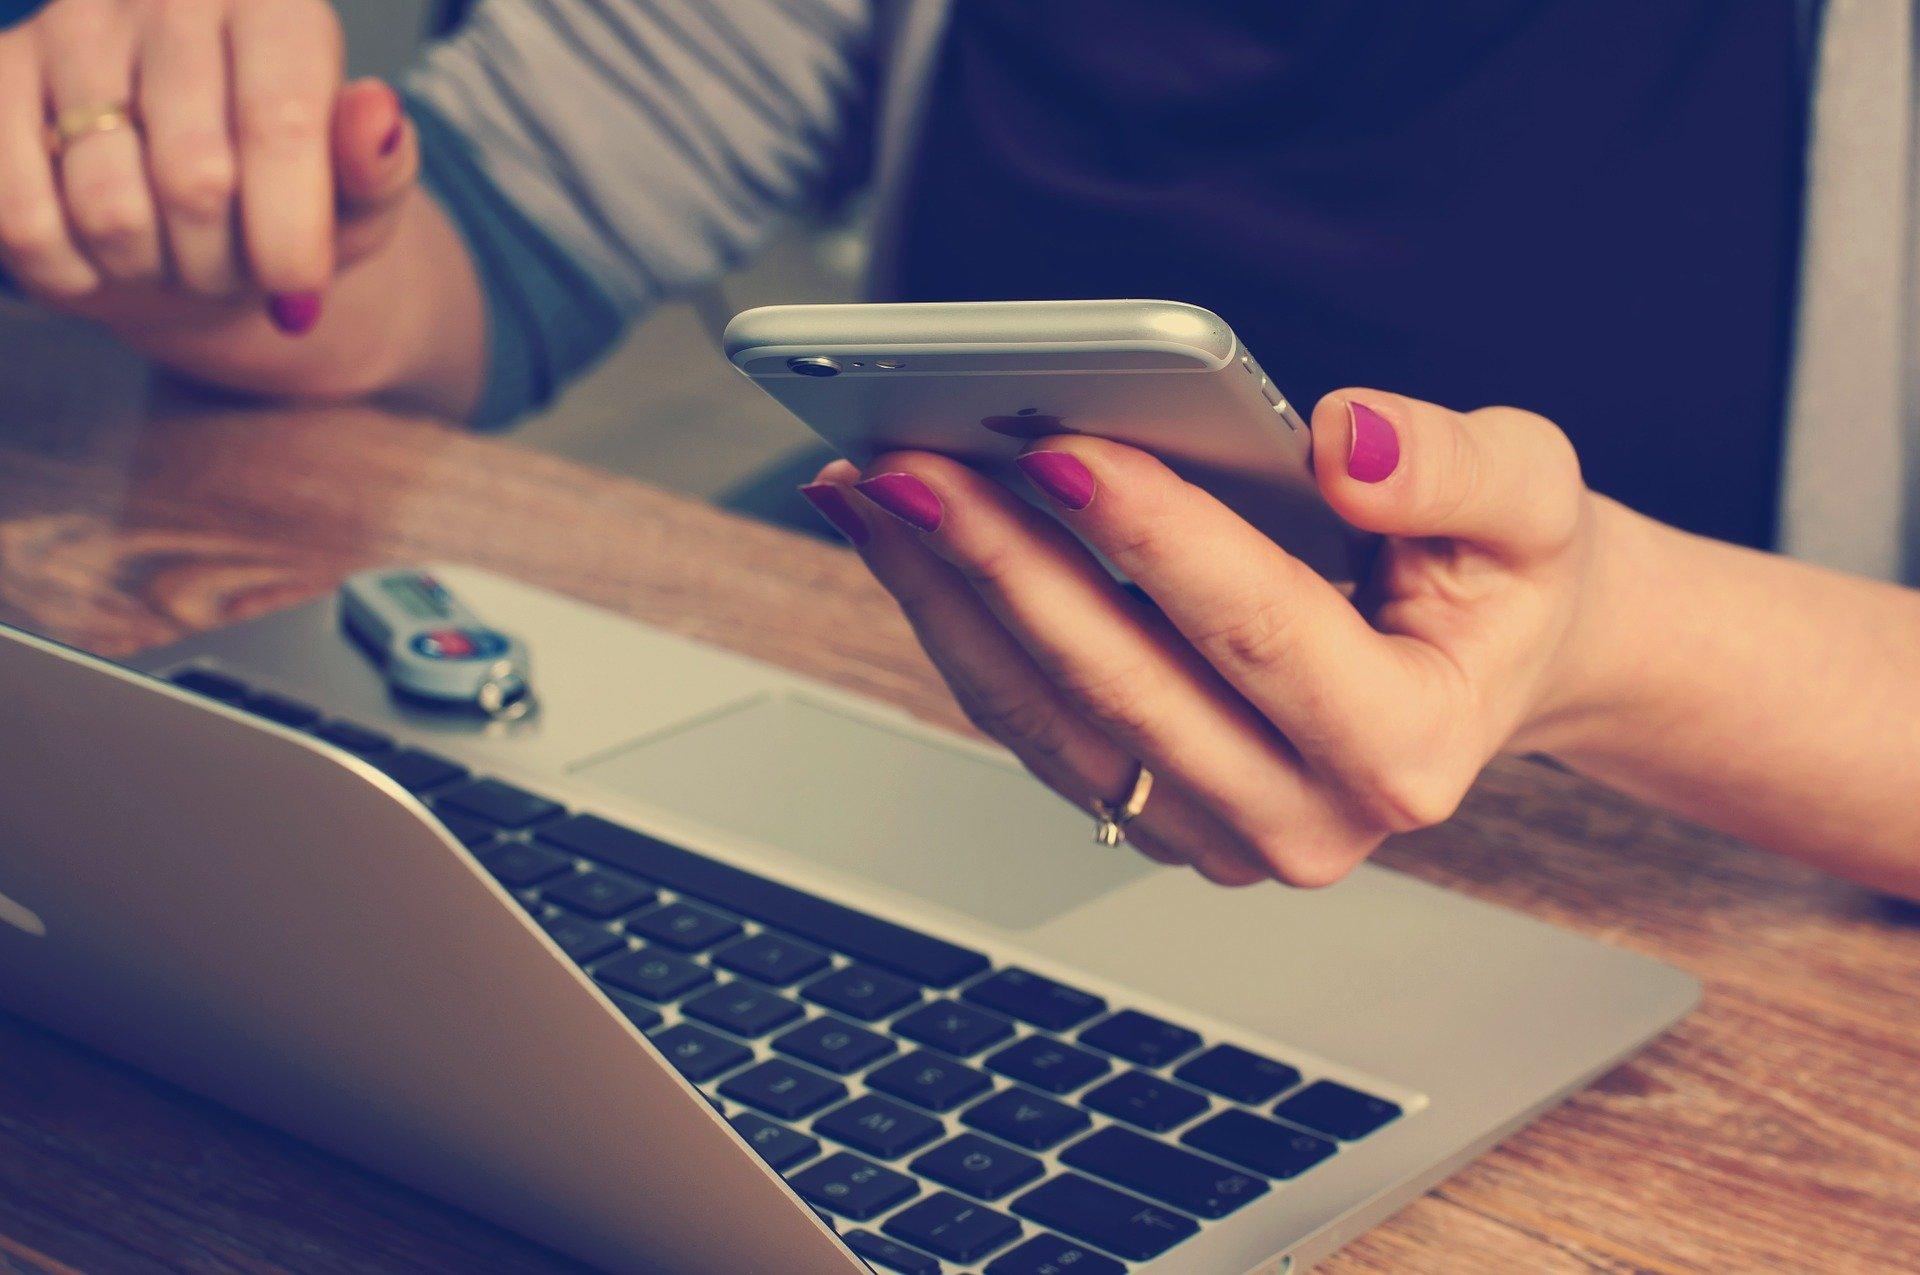 Empreendedores podem tirar dúvidas e receber orientações sem sair de casa (Crédito: Imagem de William Iven por Pixabay)